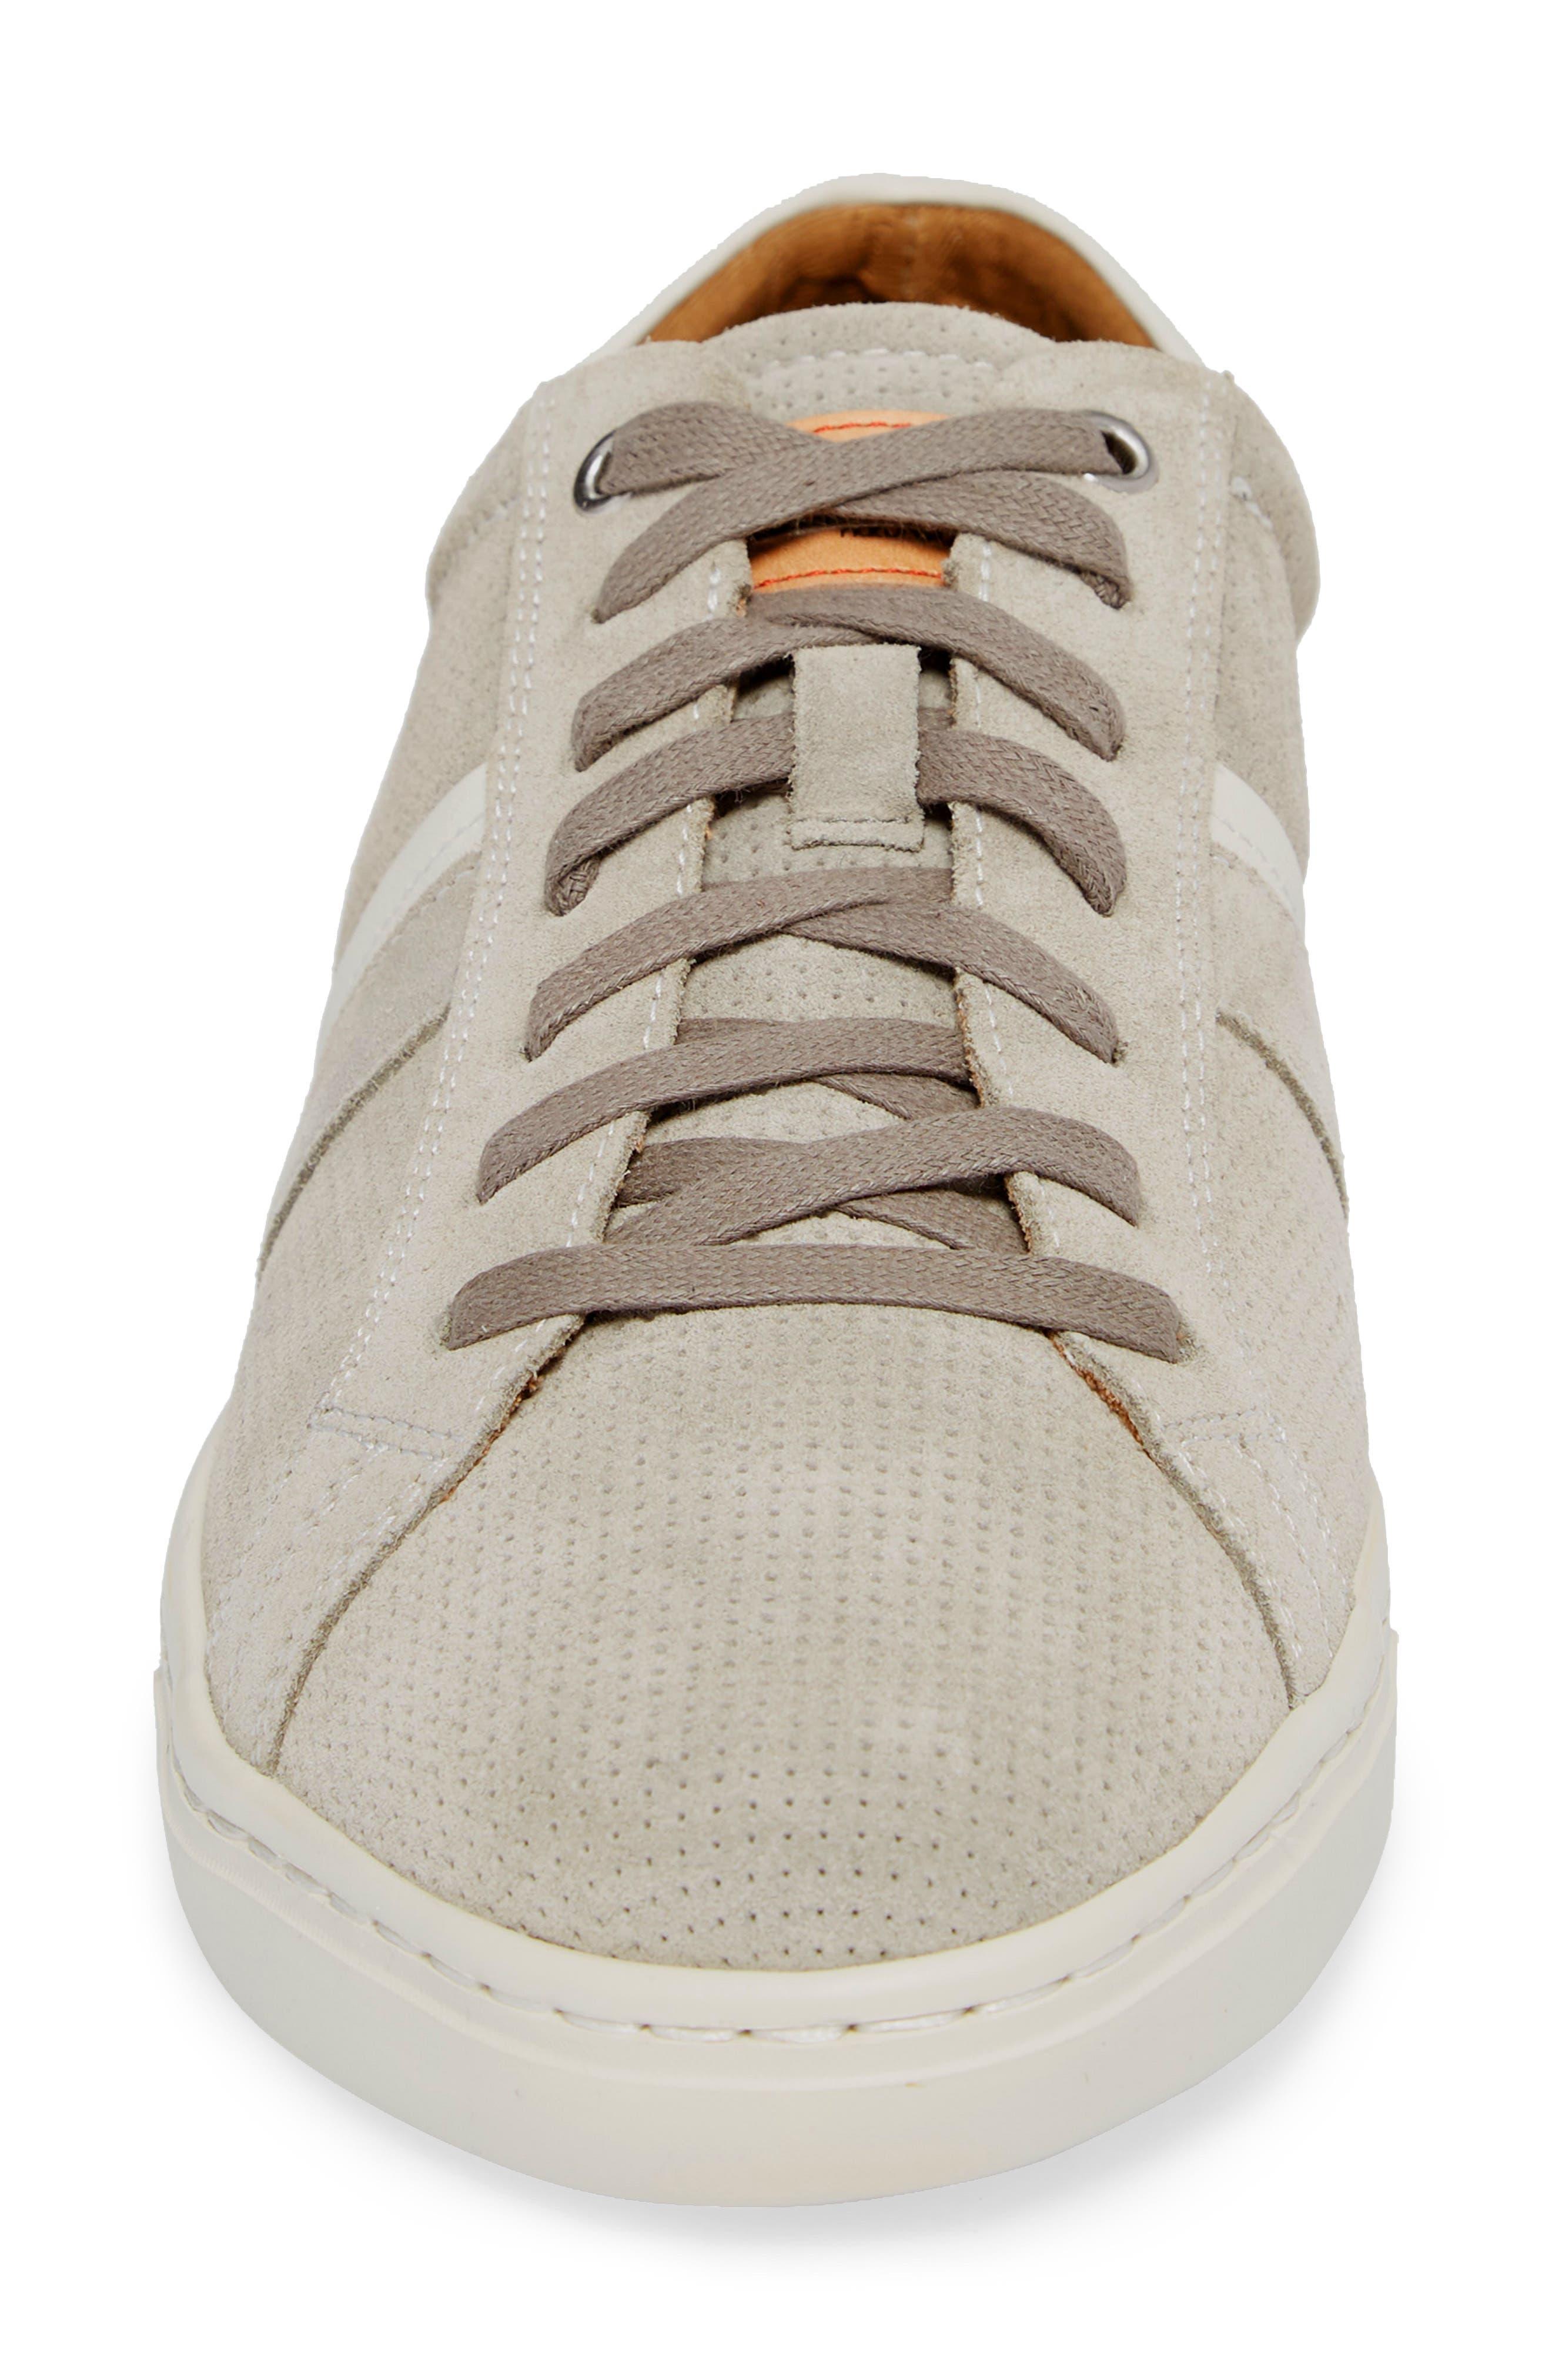 Belfort Perforated Sneaker,                             Alternate thumbnail 4, color,                             020